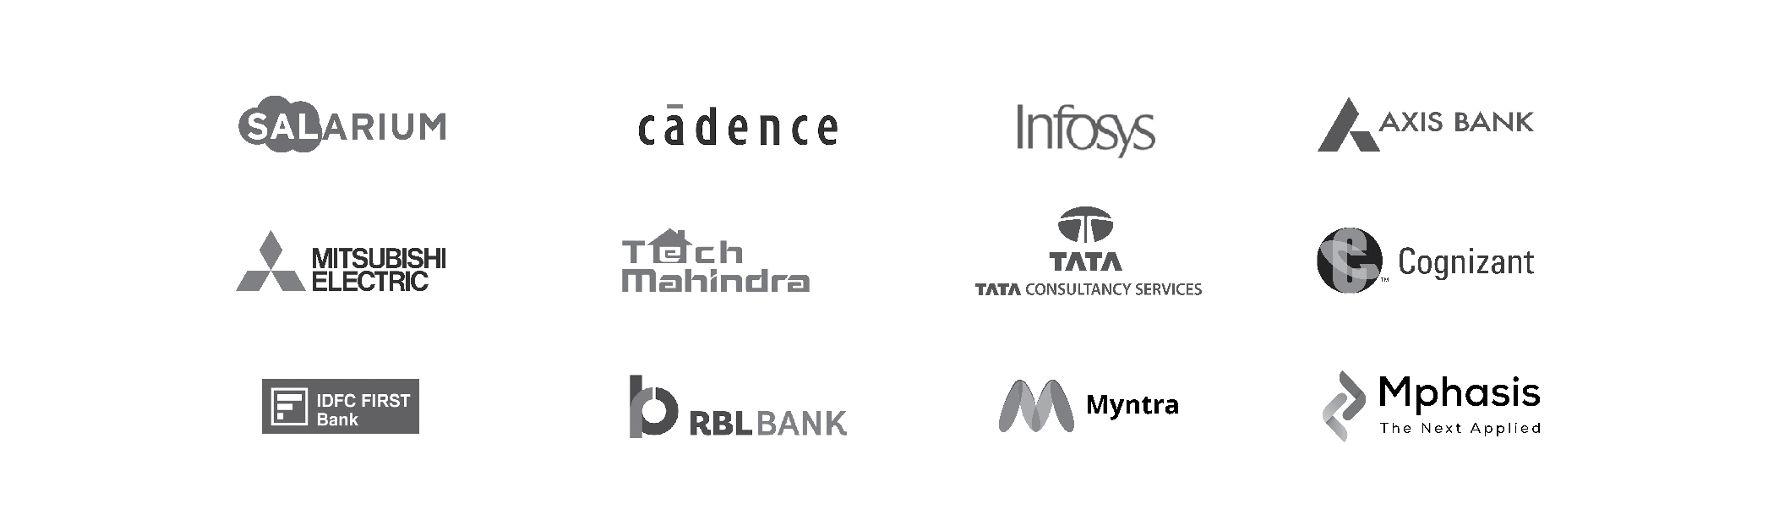 Lyra-infosystems-clients-logo-01